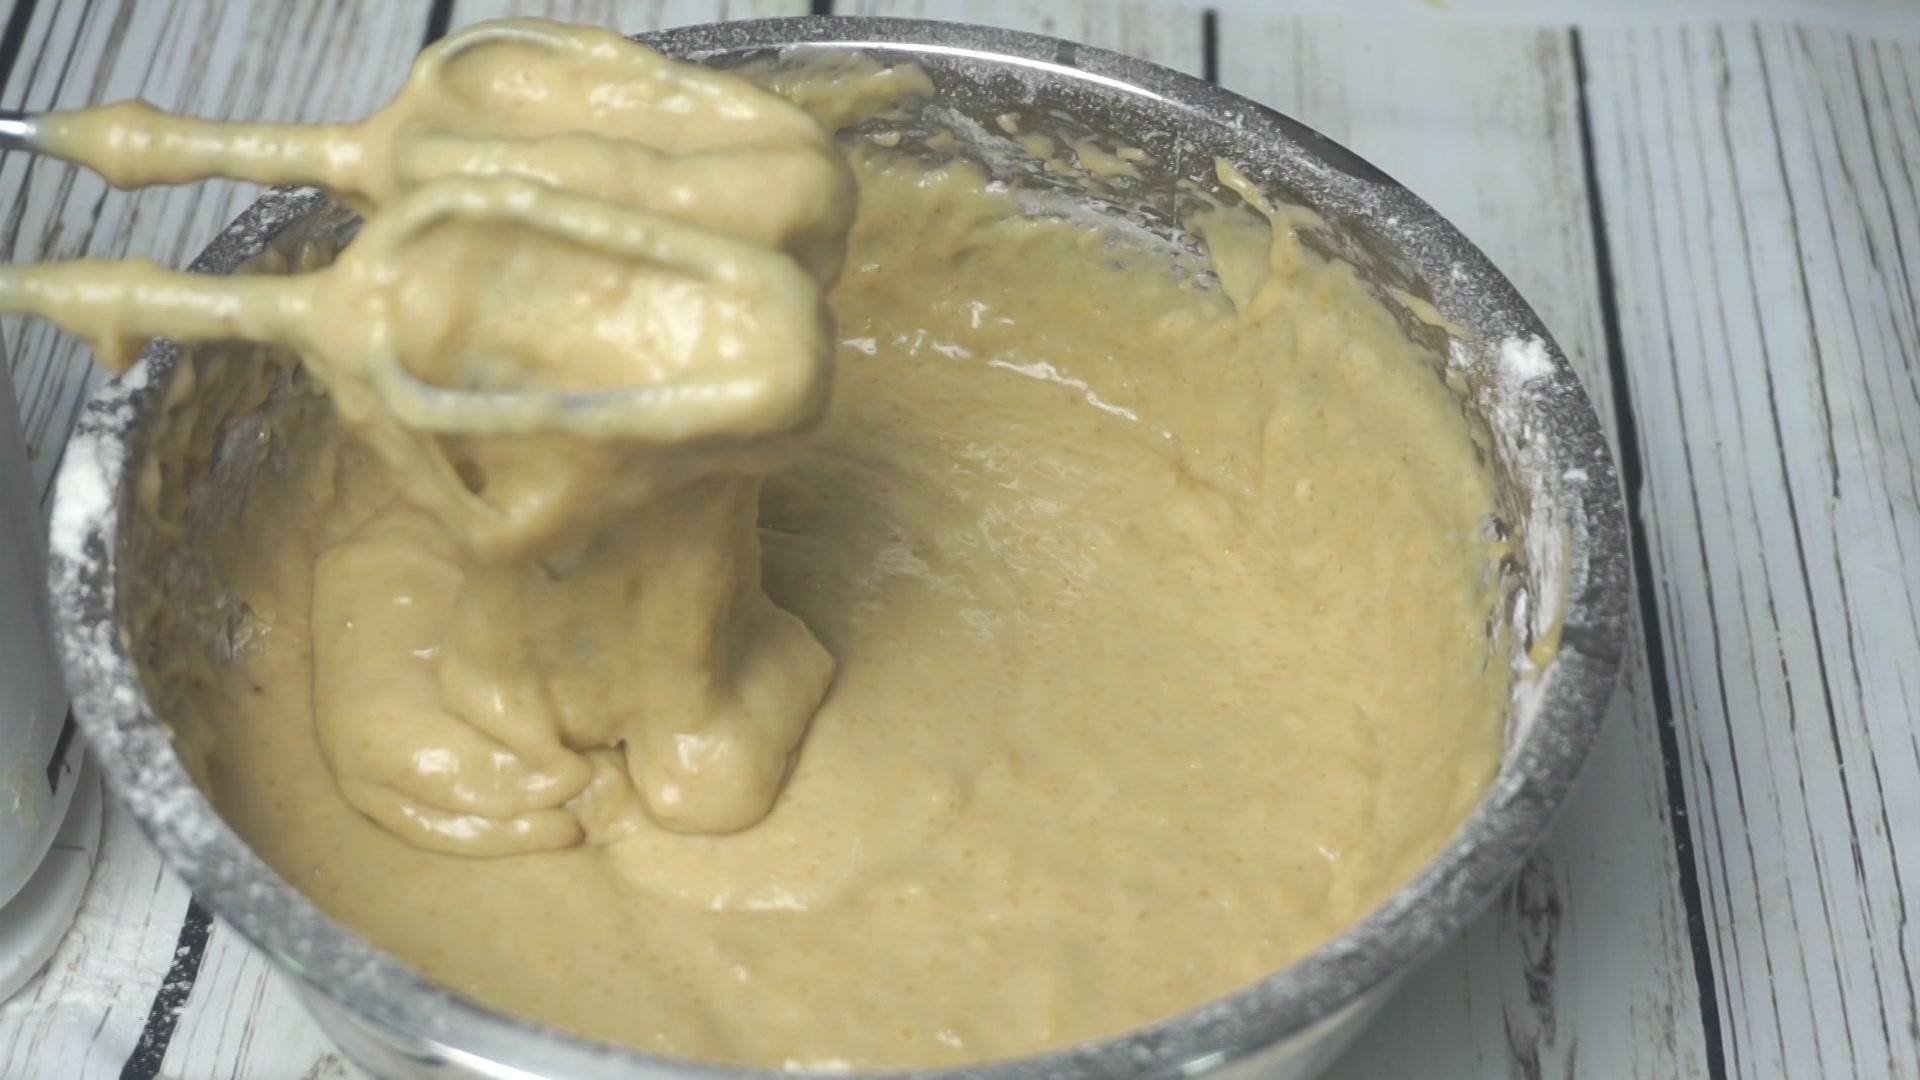 Cách làm bánh bông lan chuối thơm ngon bổ dưỡng cho bữa sáng gia đình-6 cách làm bánh bông lan chuối Siêu ngon với cách làm bánh bông lan chuối bổ dưỡng cho bữa sáng cach lam banh bong lan chuoi thom ngon bo duong cho bua sang gia dinh 4